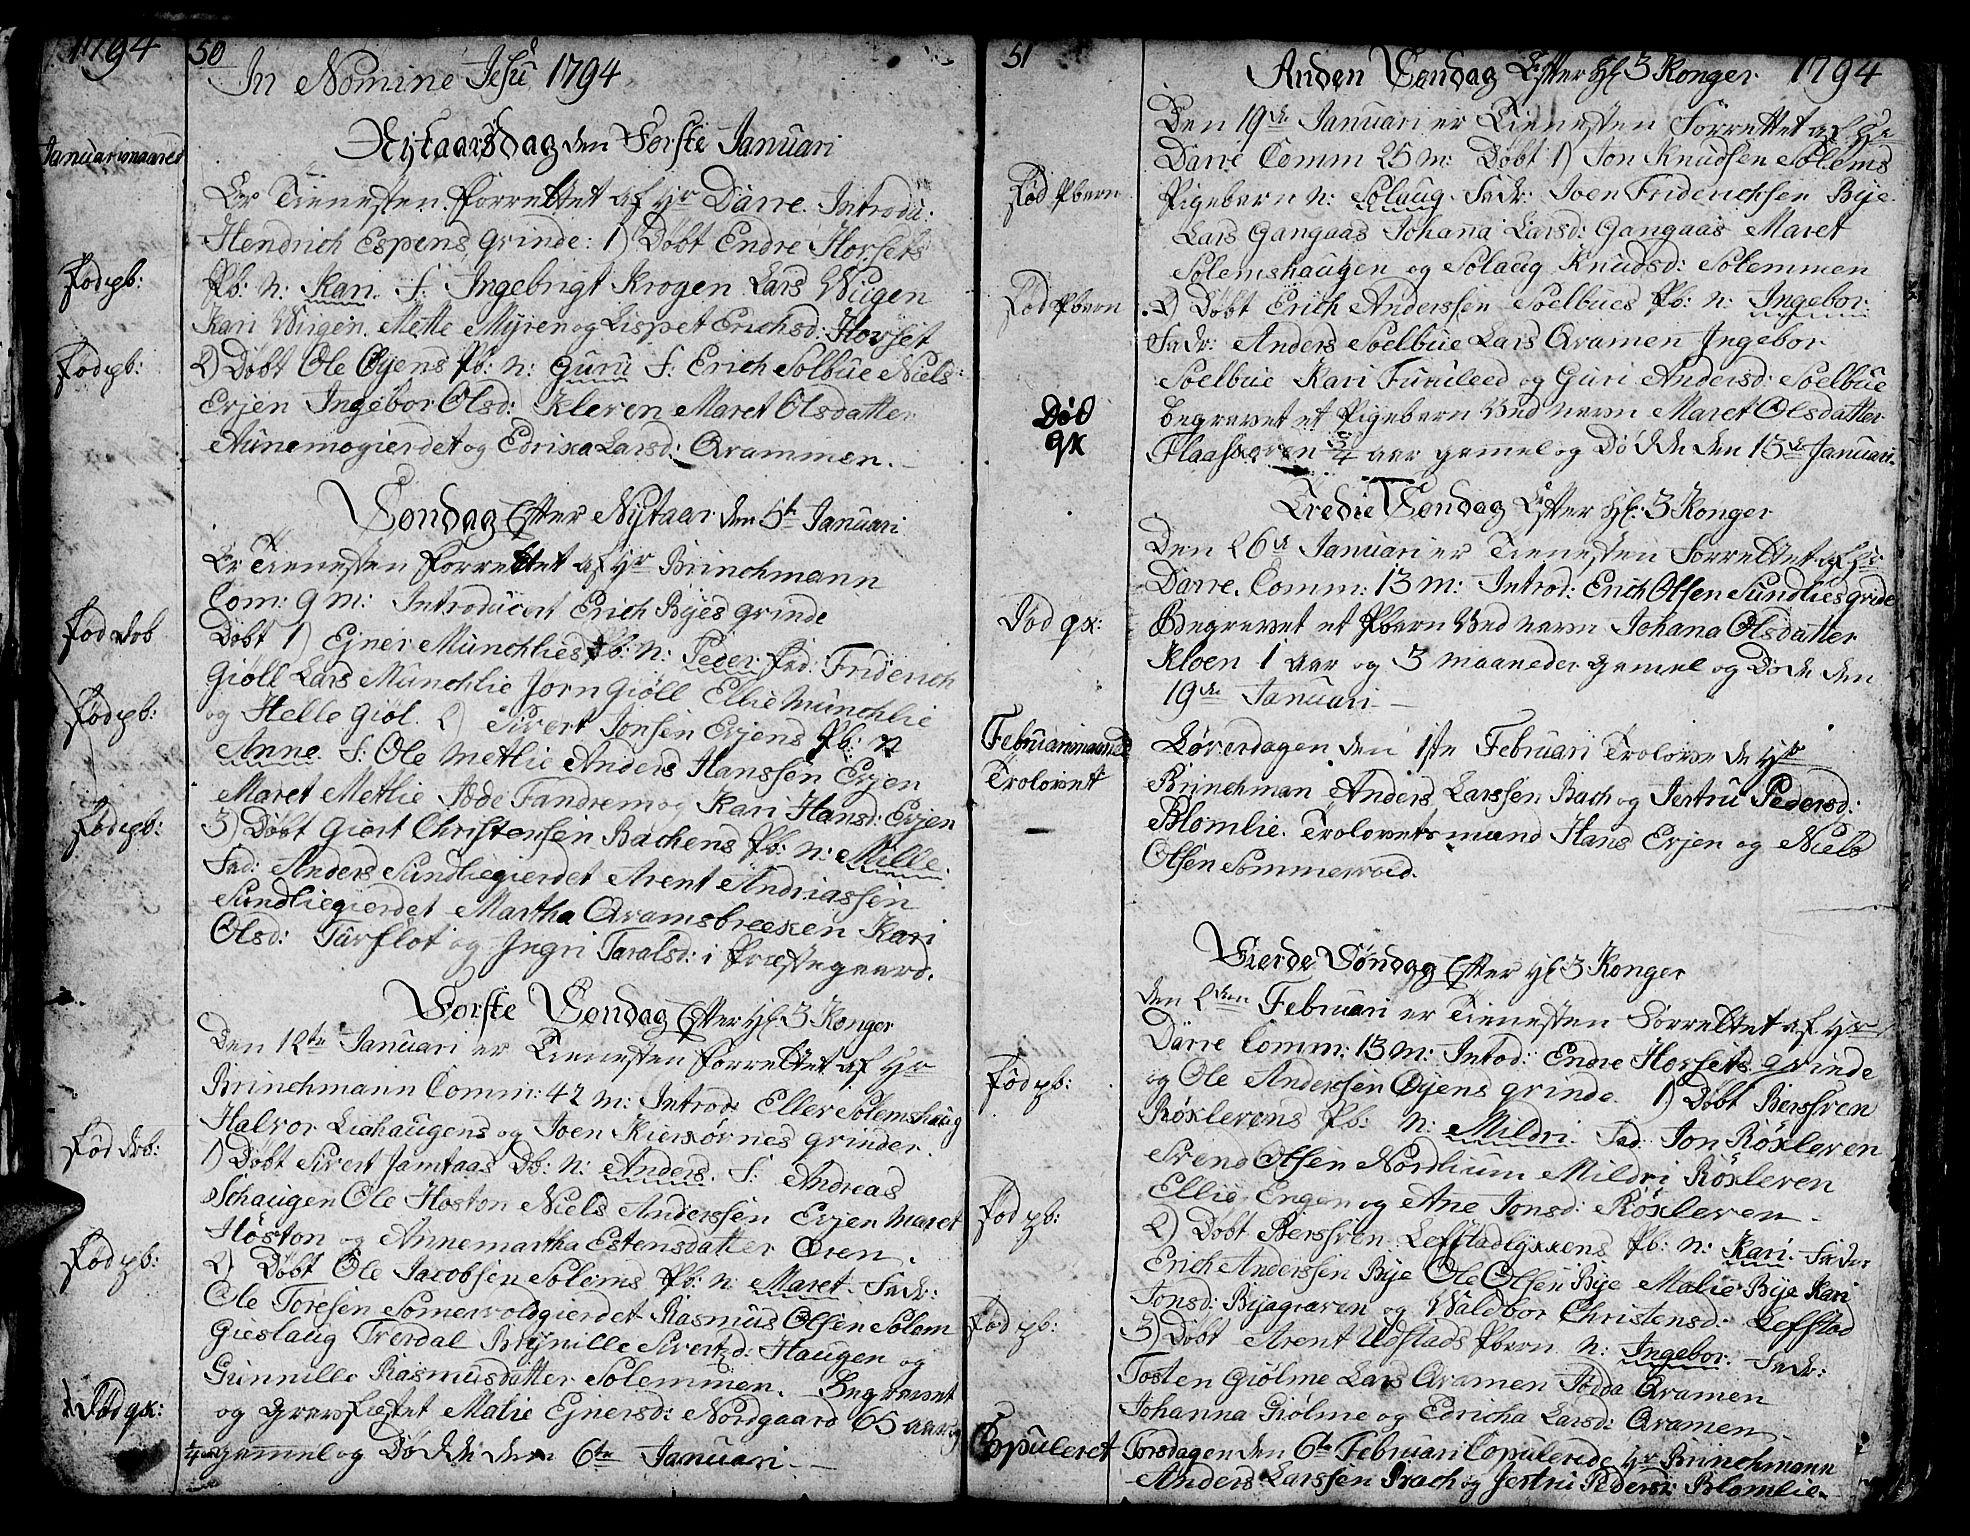 SAT, Ministerialprotokoller, klokkerbøker og fødselsregistre - Sør-Trøndelag, 668/L0815: Klokkerbok nr. 668C04, 1791-1815, s. 50-51